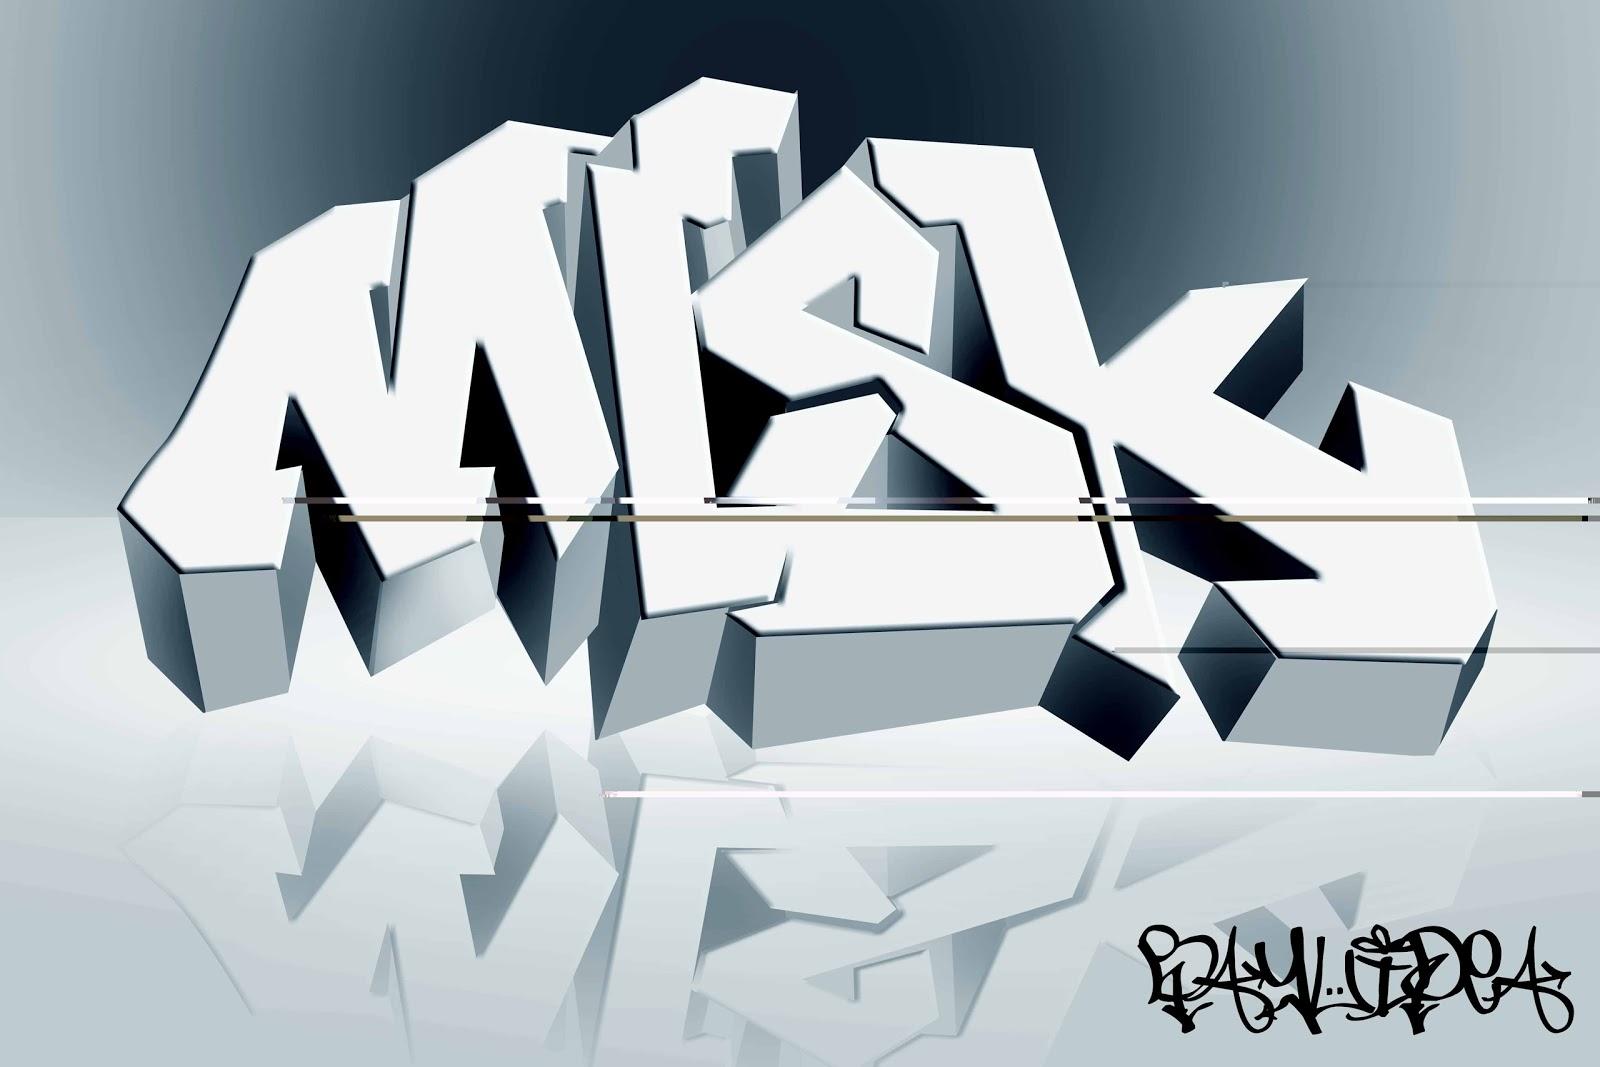 http://2.bp.blogspot.com/-oktPjn-M3CQ/T75FUK0lJfI/AAAAAAAAAc0/g0R9DQeb_Ls/s1600/3D-GRAFFITI-ALPHABET.jpg